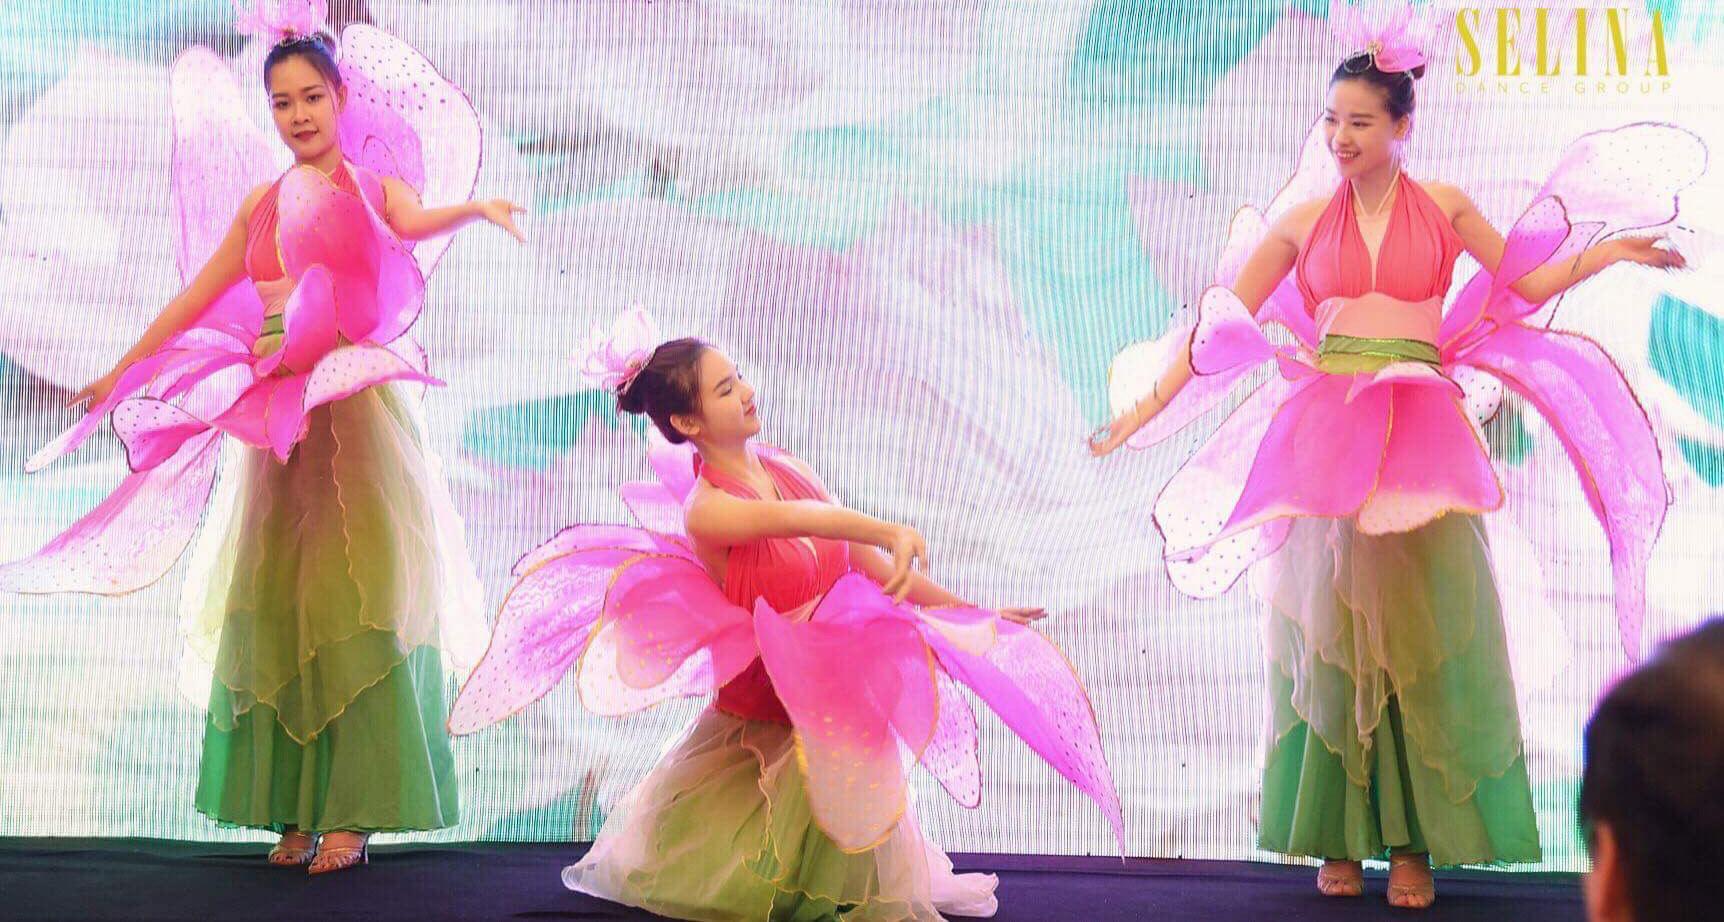 Cung cấp đọi múa hoa sen cho đại hội hội nghị